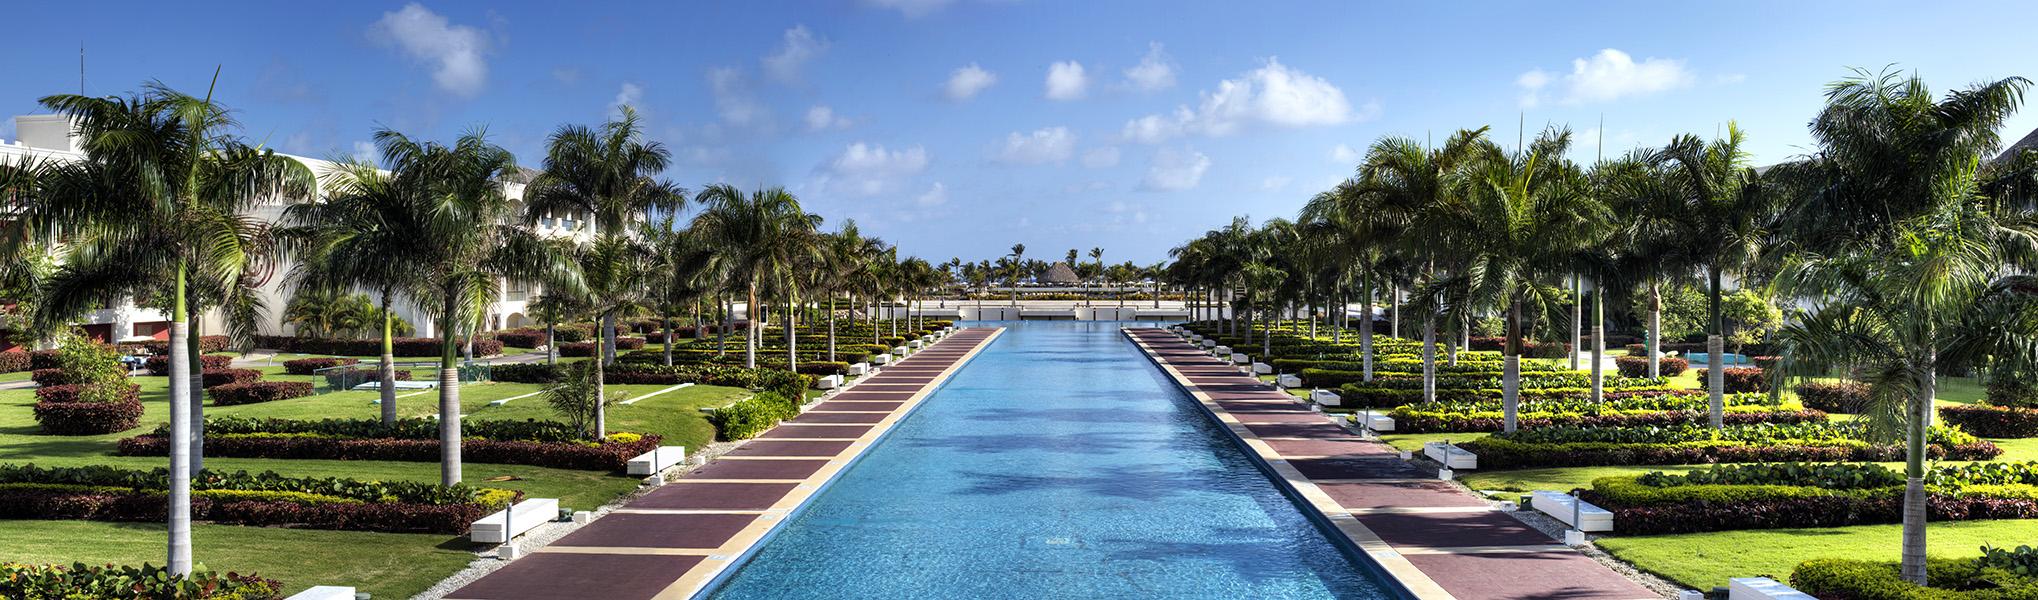 Hard Rock Resort Panorama | Dominican Republic